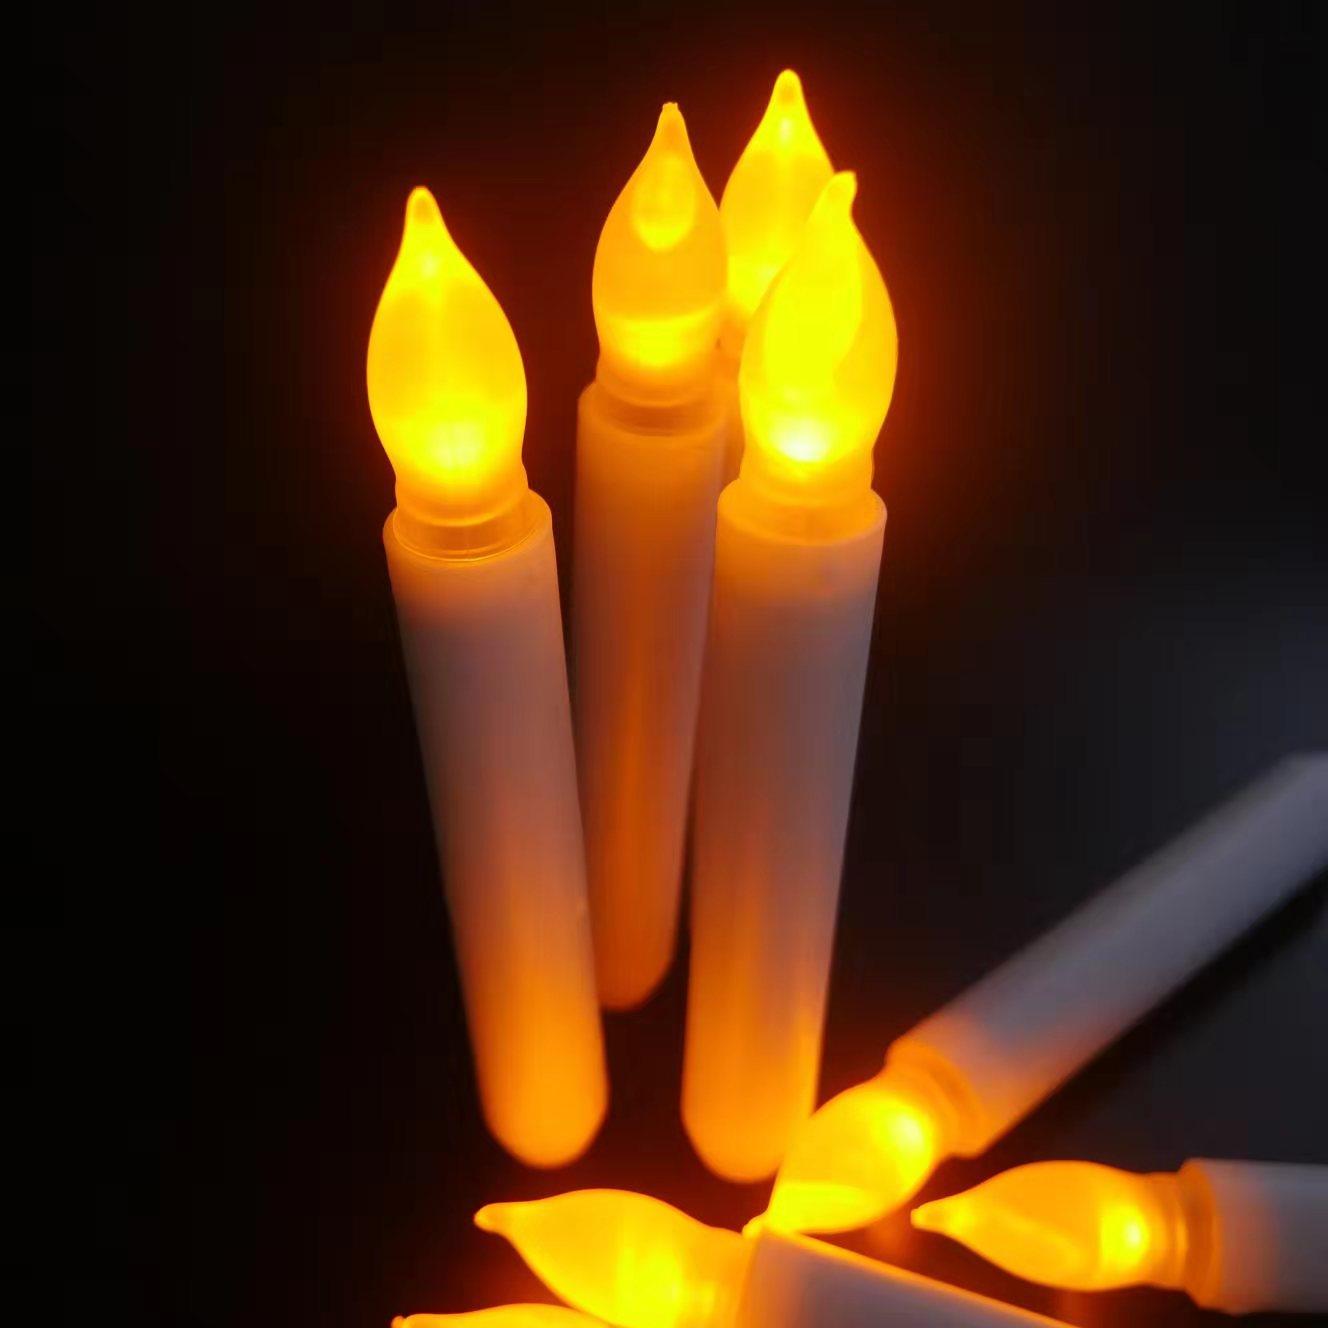 福建求婚LED電子蠟燭批發 其志供應